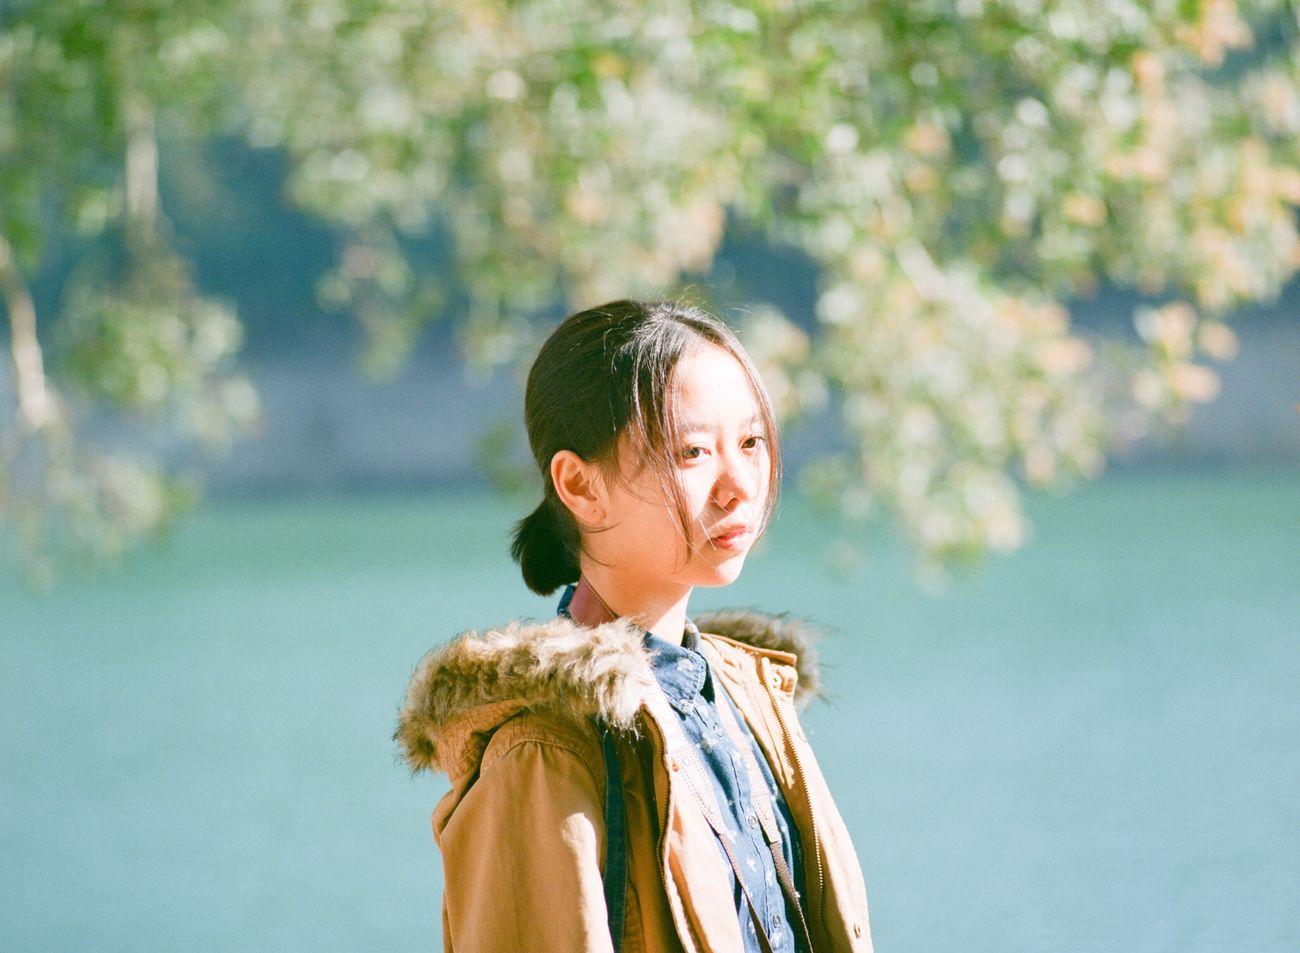 Film Portraits Mamiya 645AFD Fujifilm Pro400 Portrait Of A Friend